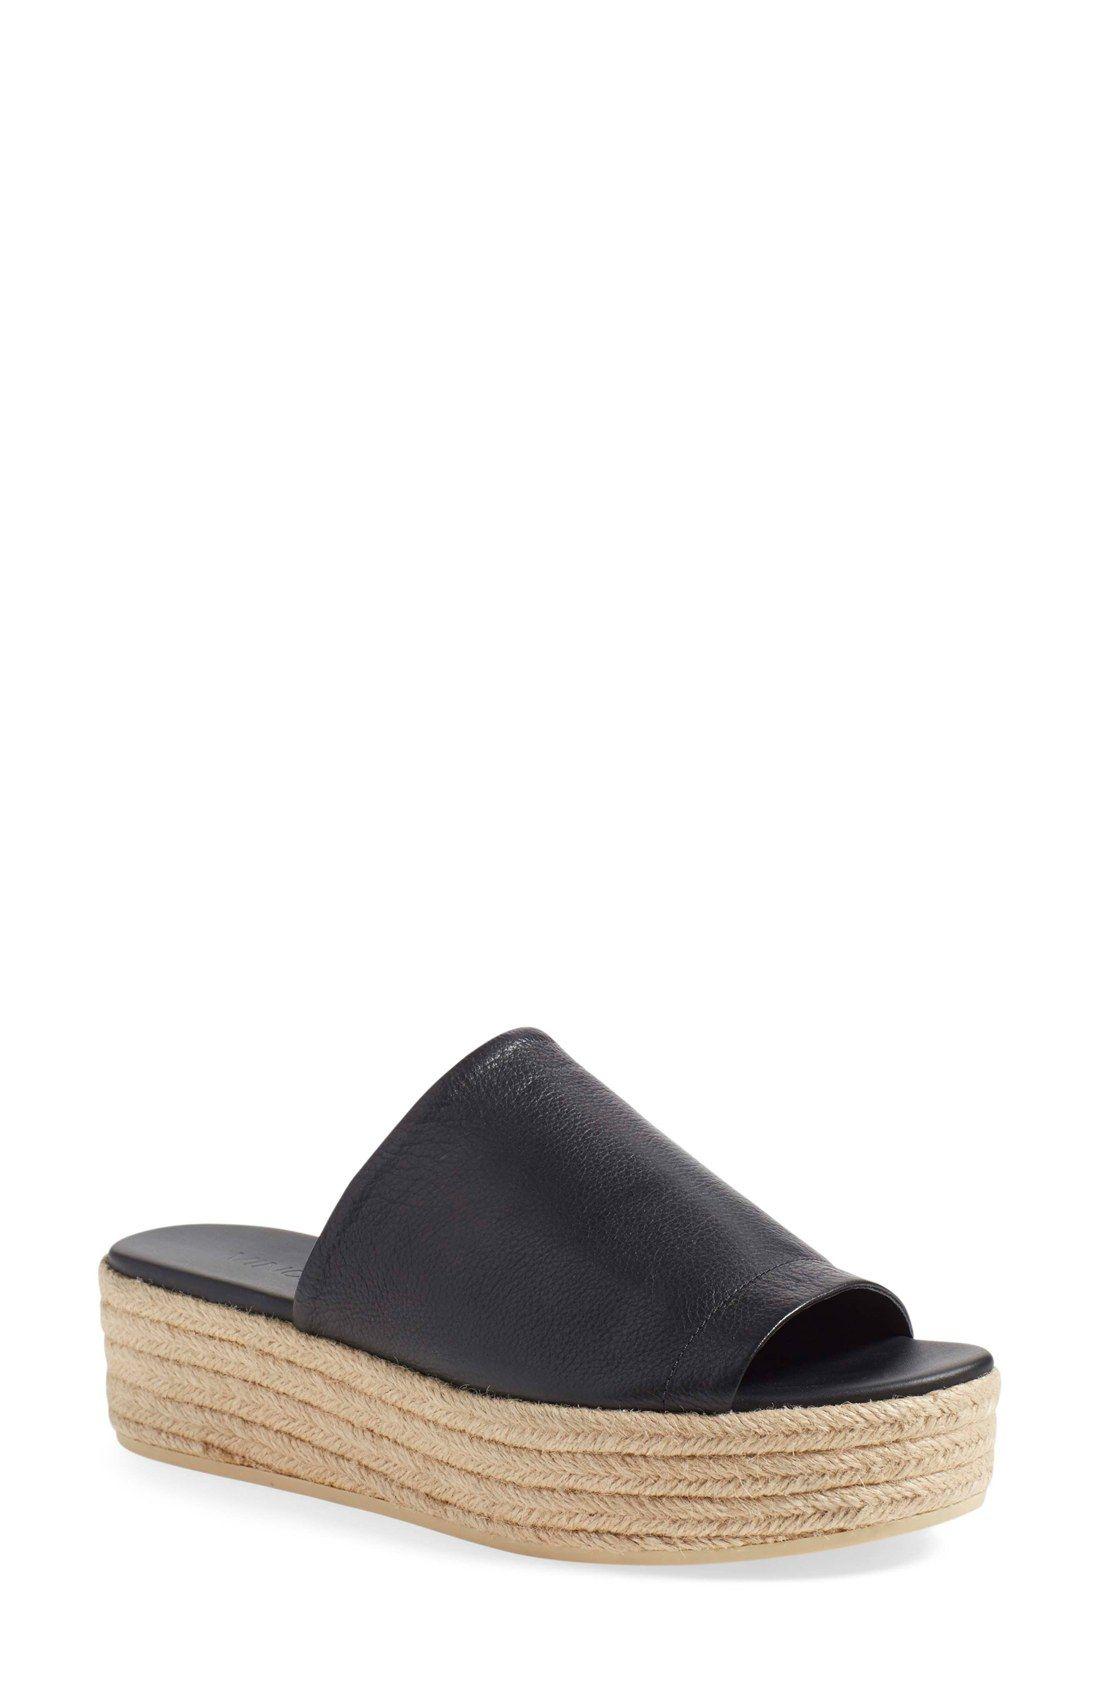 fdc765161c94 Vince  Solana 3  Espadrille Platform Slide Sandal (Women)